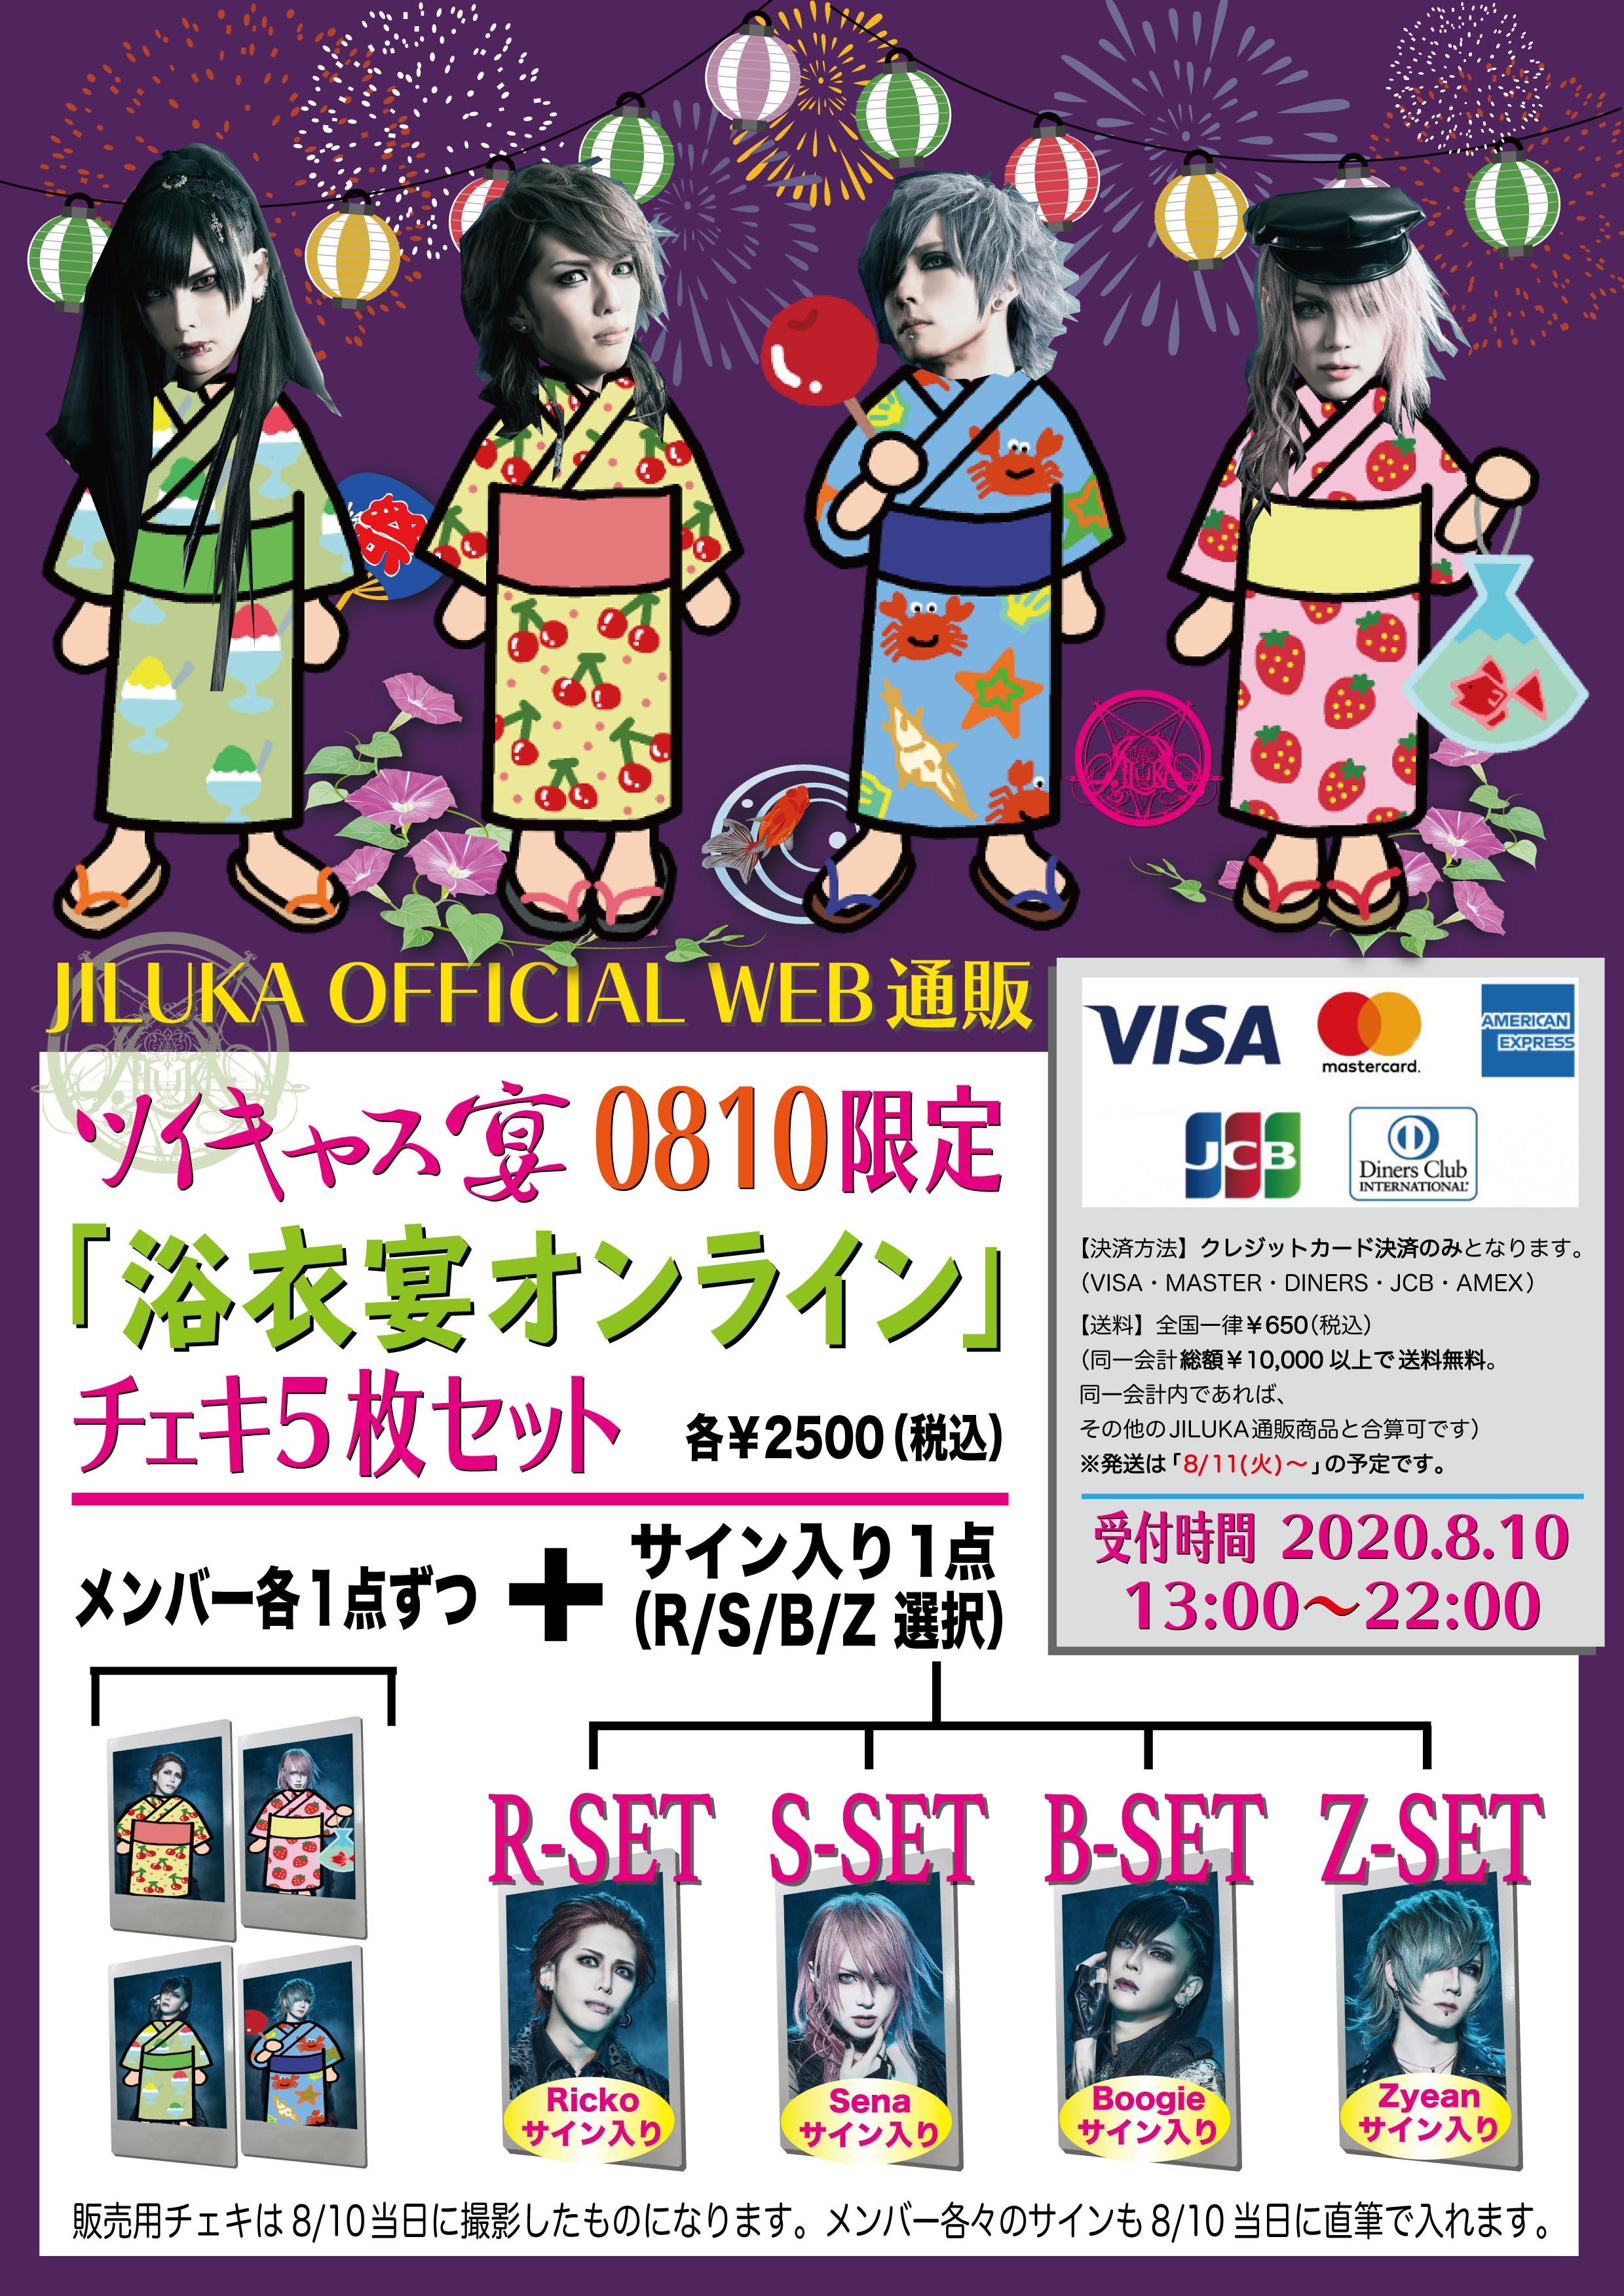 200810ツイキャスゆかた宴_通販告知